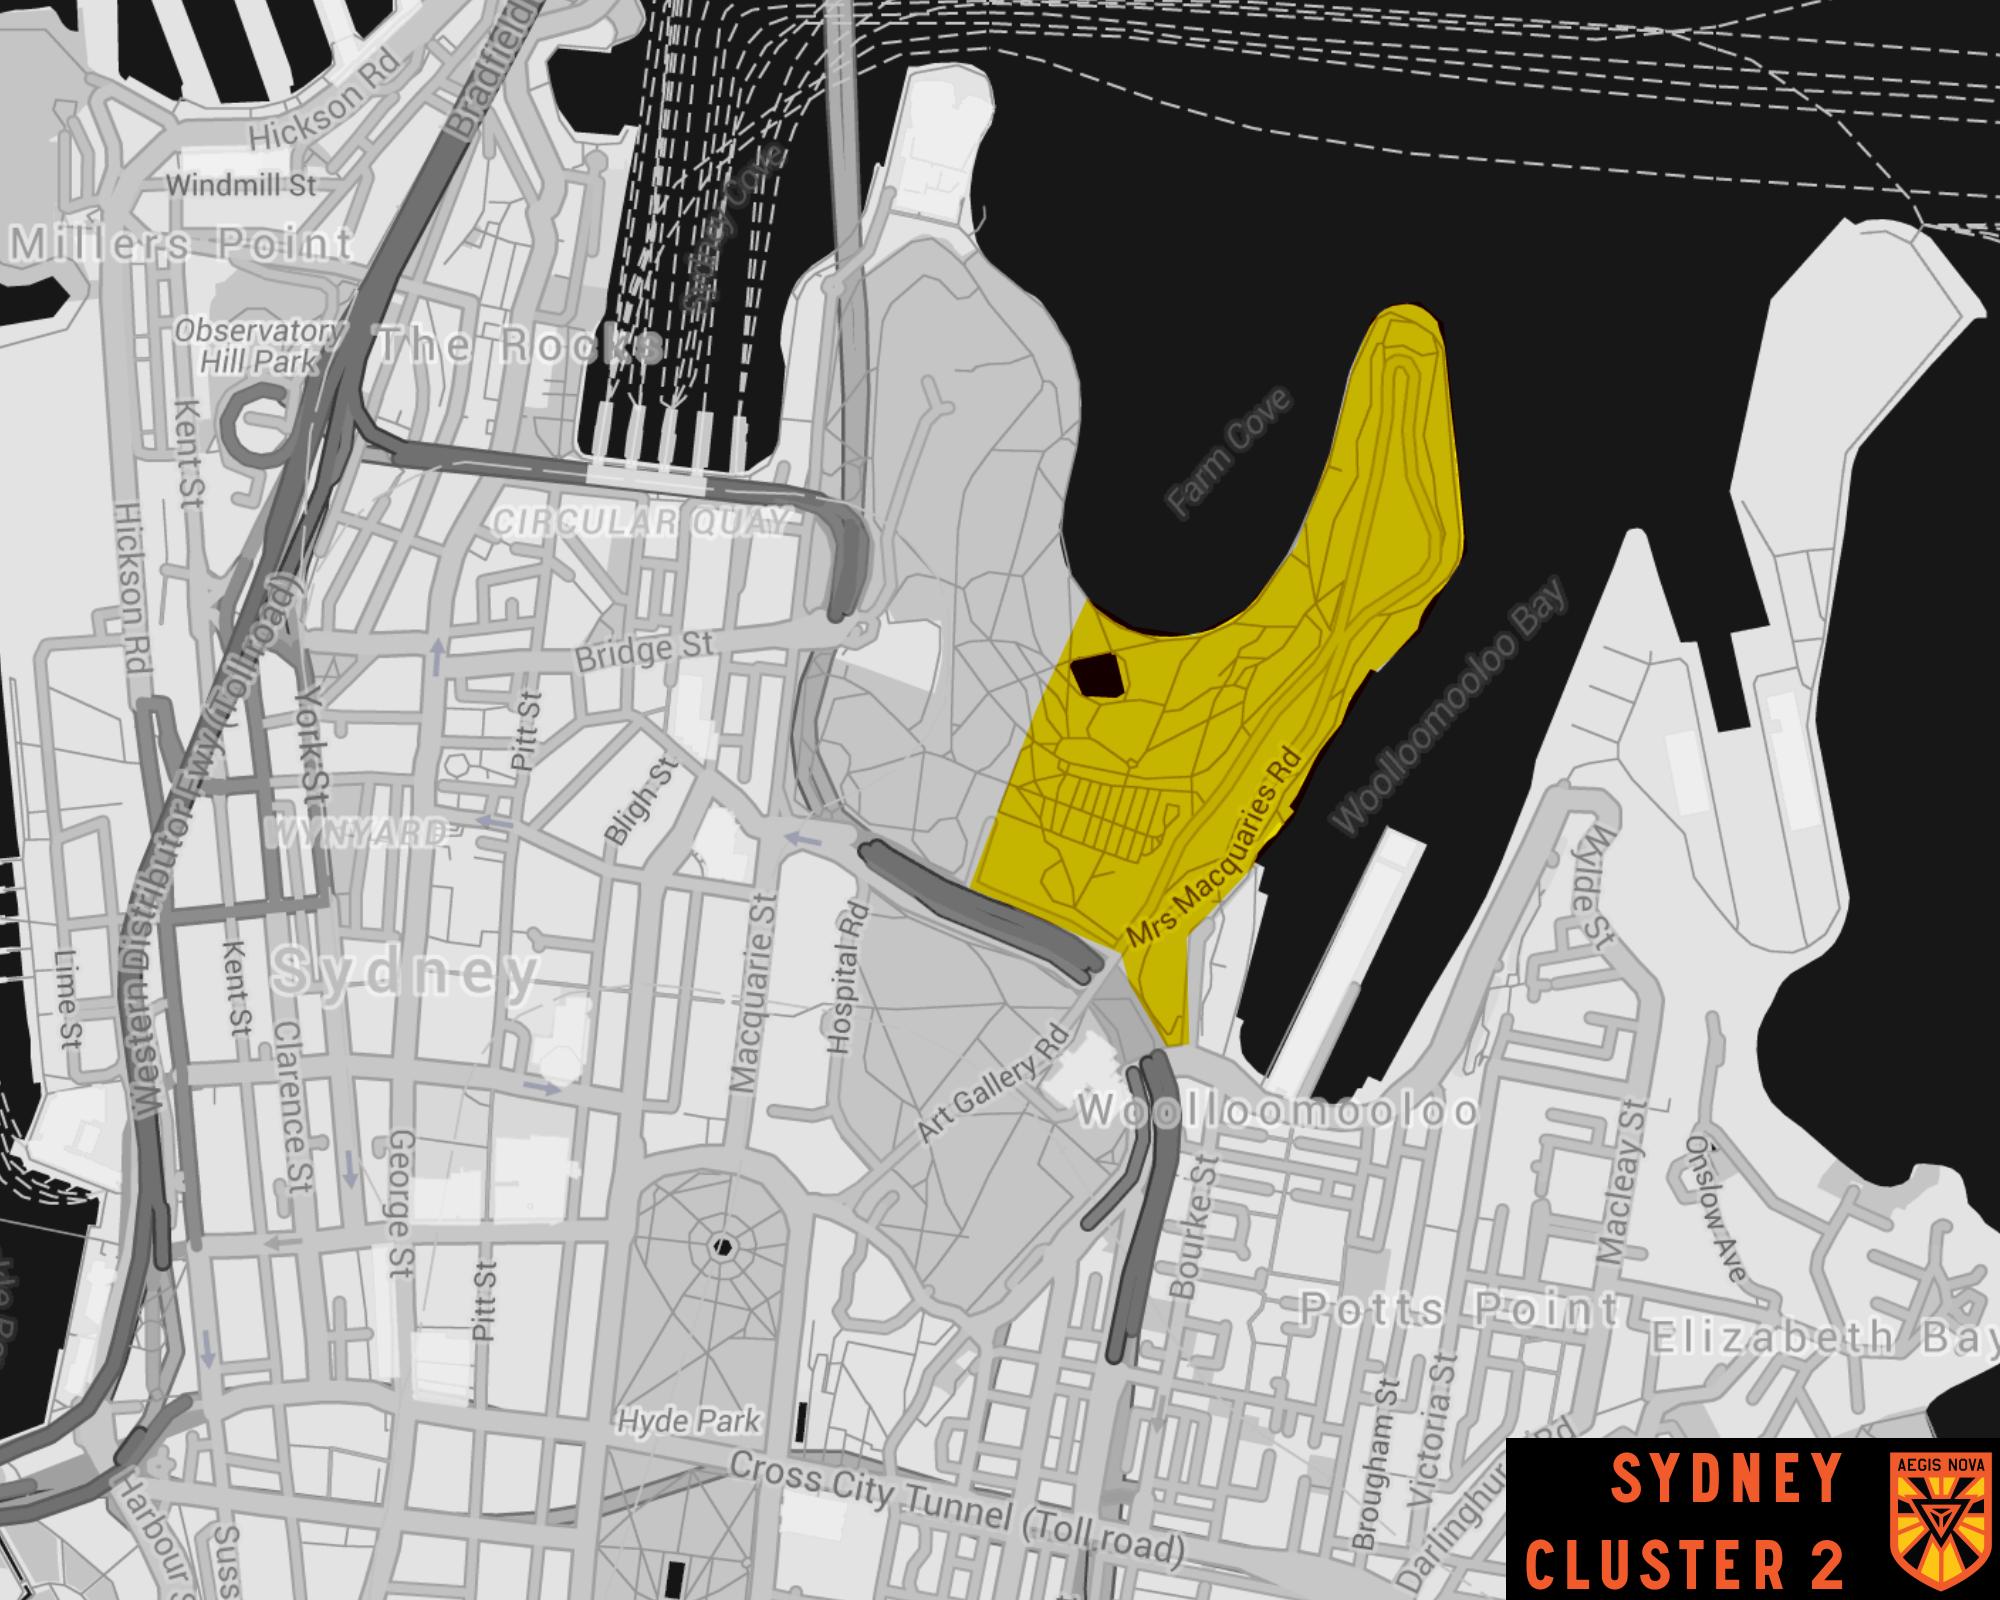 SydneyCluster2.png